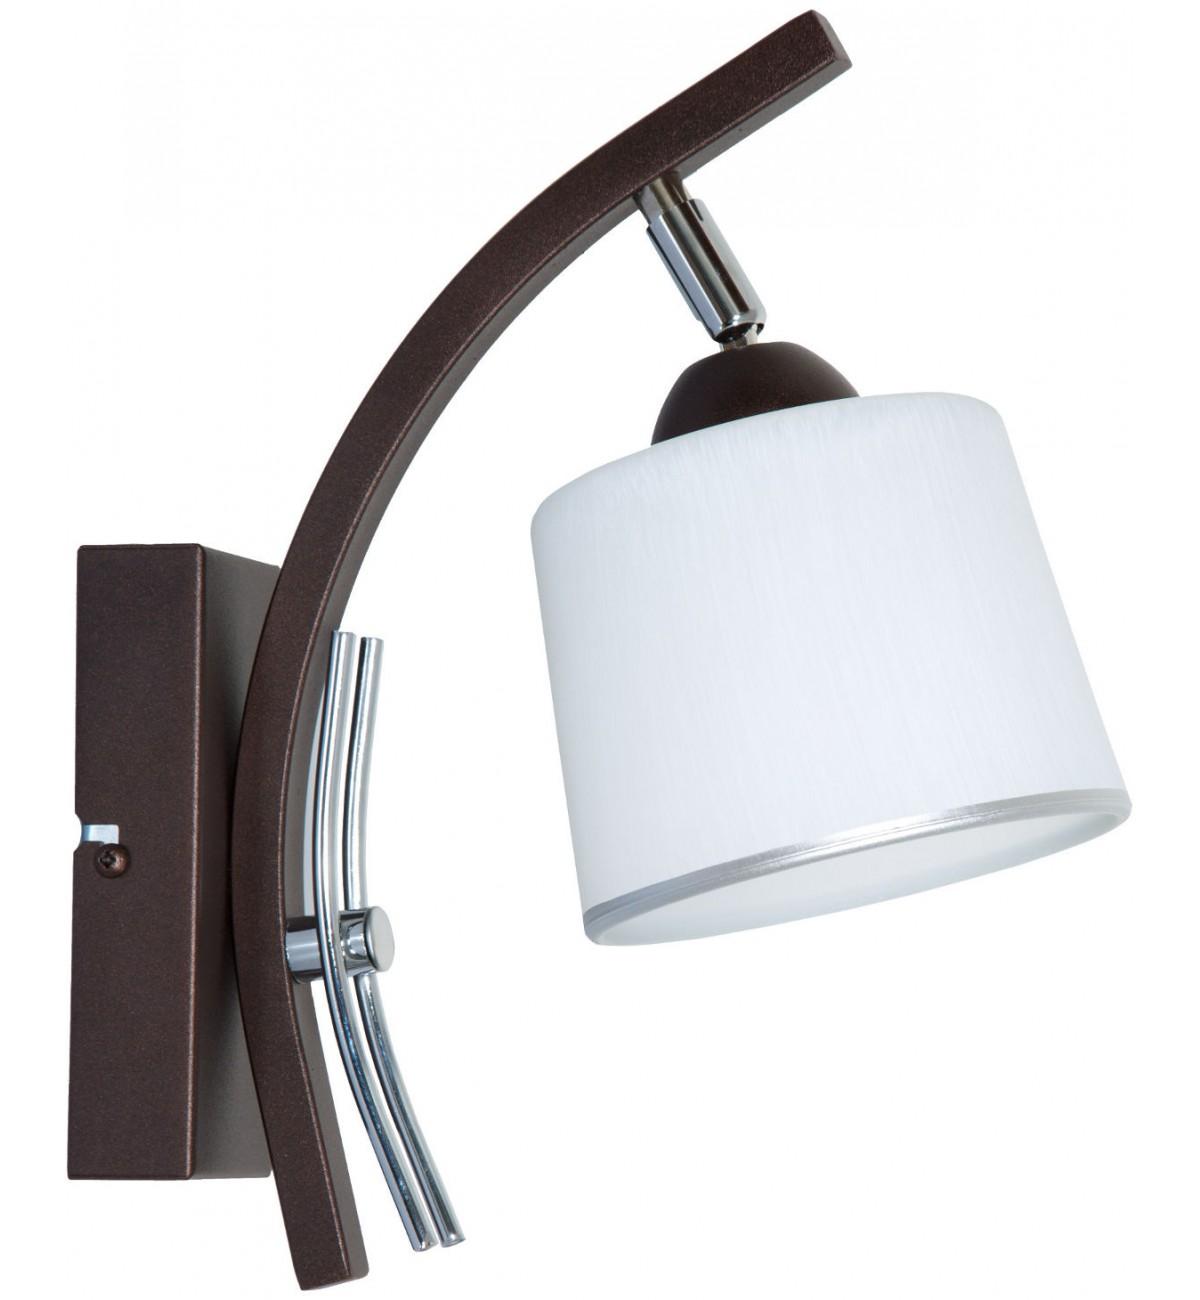 kinkiet z chromowanymi elementami z serii 07 lampa stylowa elegancka Kinkiety klasyczne